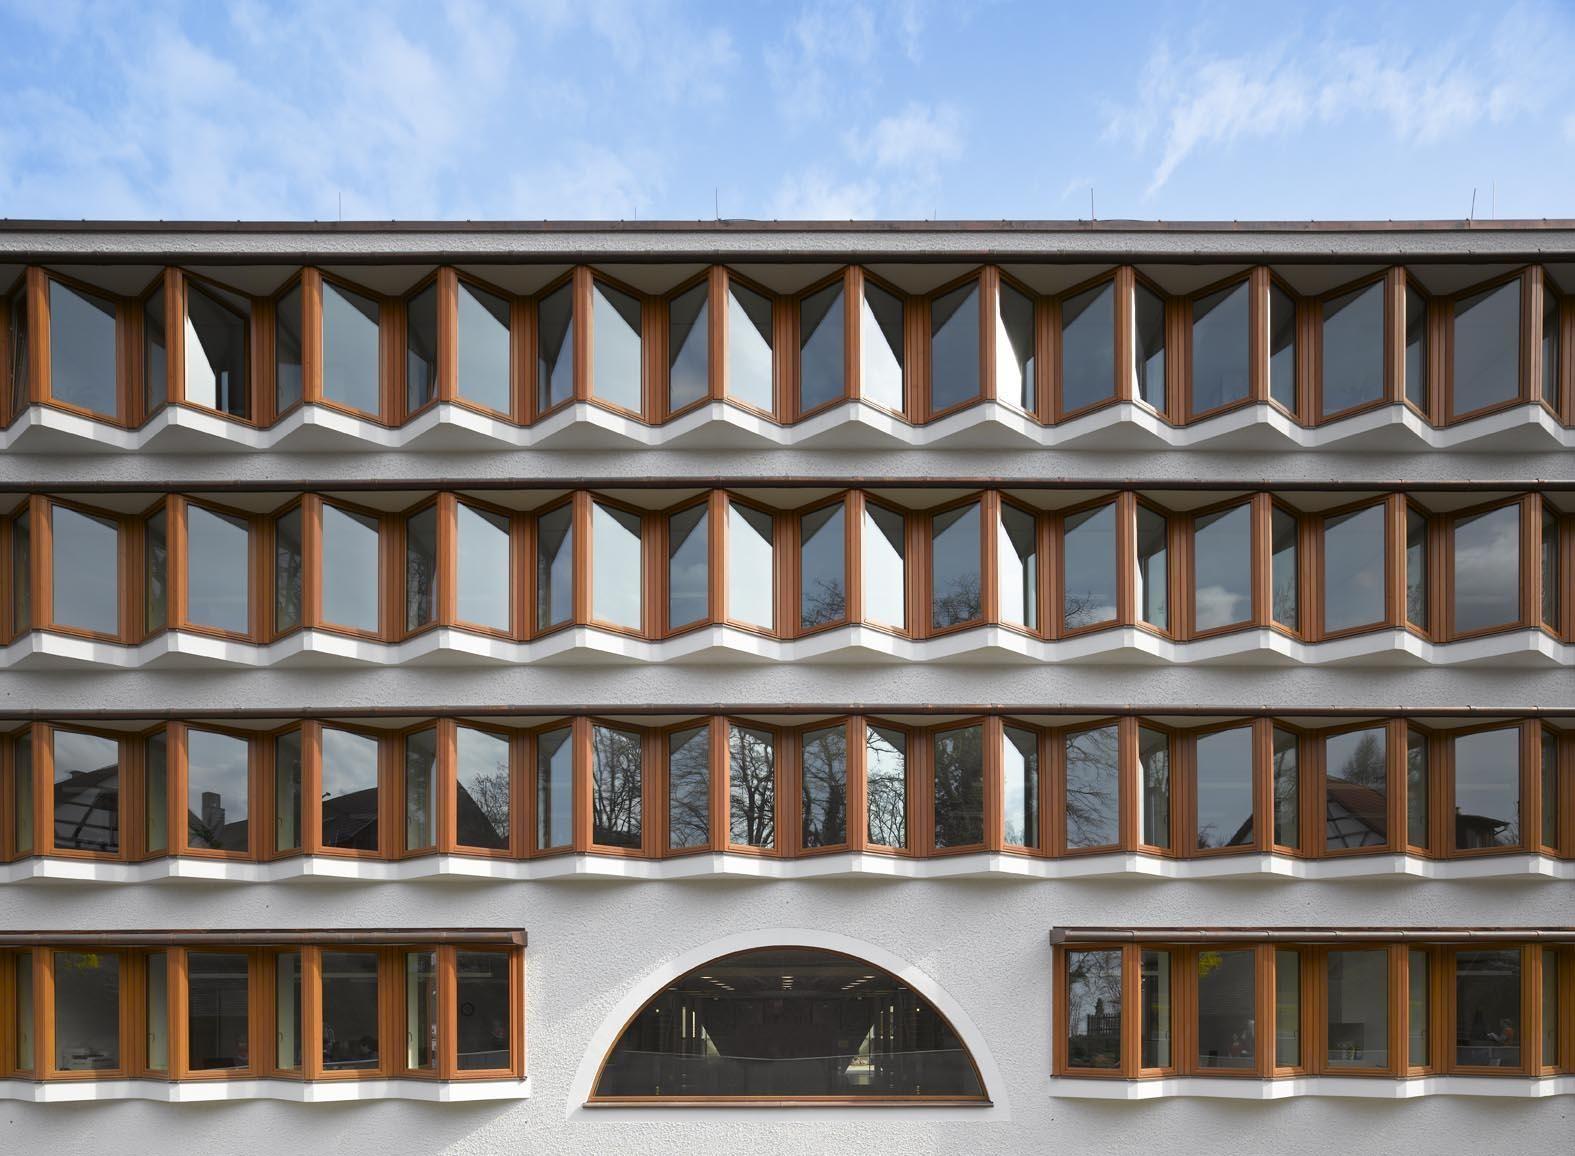 lederer ragnarsd ttir oei stuttgart architekten baunetz architekten profil. Black Bedroom Furniture Sets. Home Design Ideas